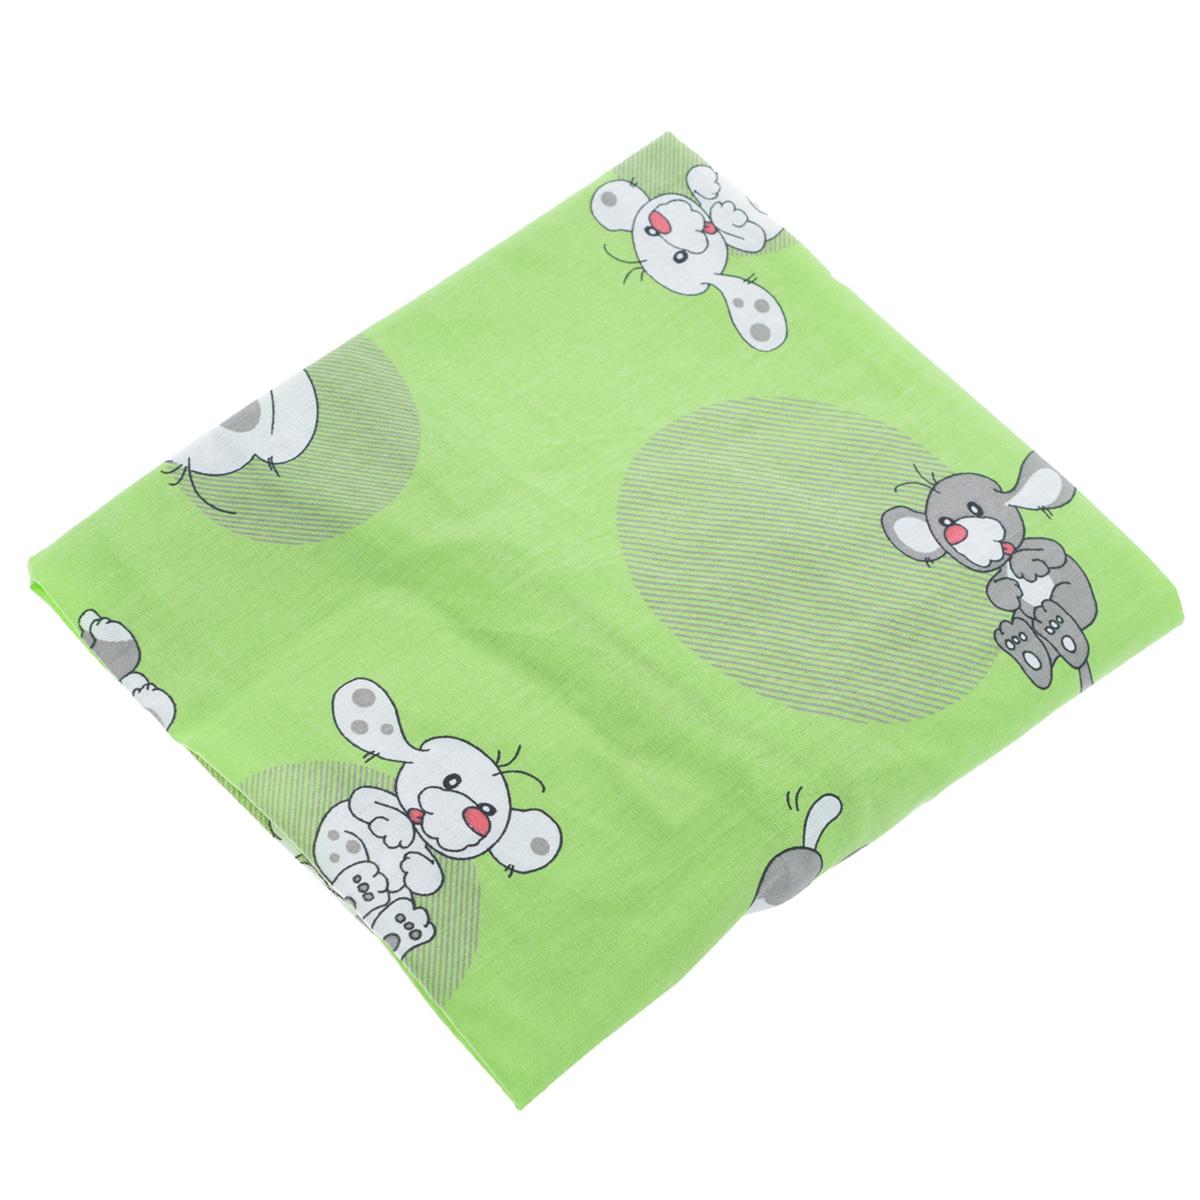 Простыня на резинке Фея Наши друзья, цвет: зеленый, 60 см х 120 смА00319Мягкая простыня на резинке Фея Наши друзья идеально подойдет для кроватки вашего малыша и обеспечит ему здоровый сон. Она изготовлена из натурального 100% хлопка, дарящего малышу непревзойденную мягкость. Простыня с помощью специальной резинки растягивается на матрасе. Она не сомнется и не скомкается, как бы не вертелся ребенок. Подарите вашему малышу комфорт и удобство!